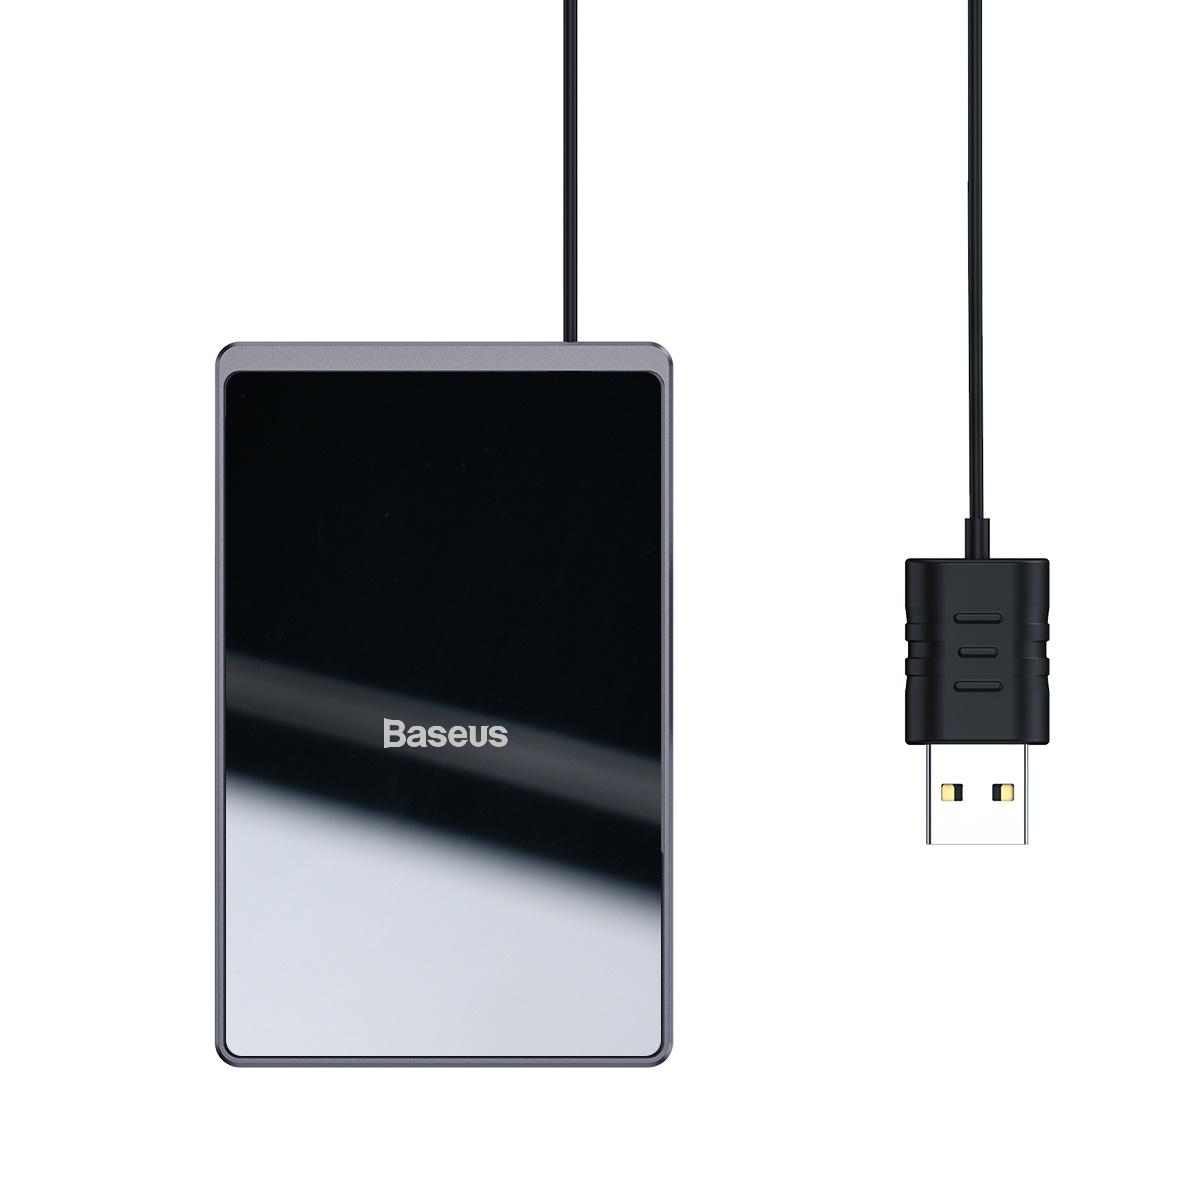 Baseus Card Ultratunn trådlös laddare+USB-kabel (1m), 15W, svart